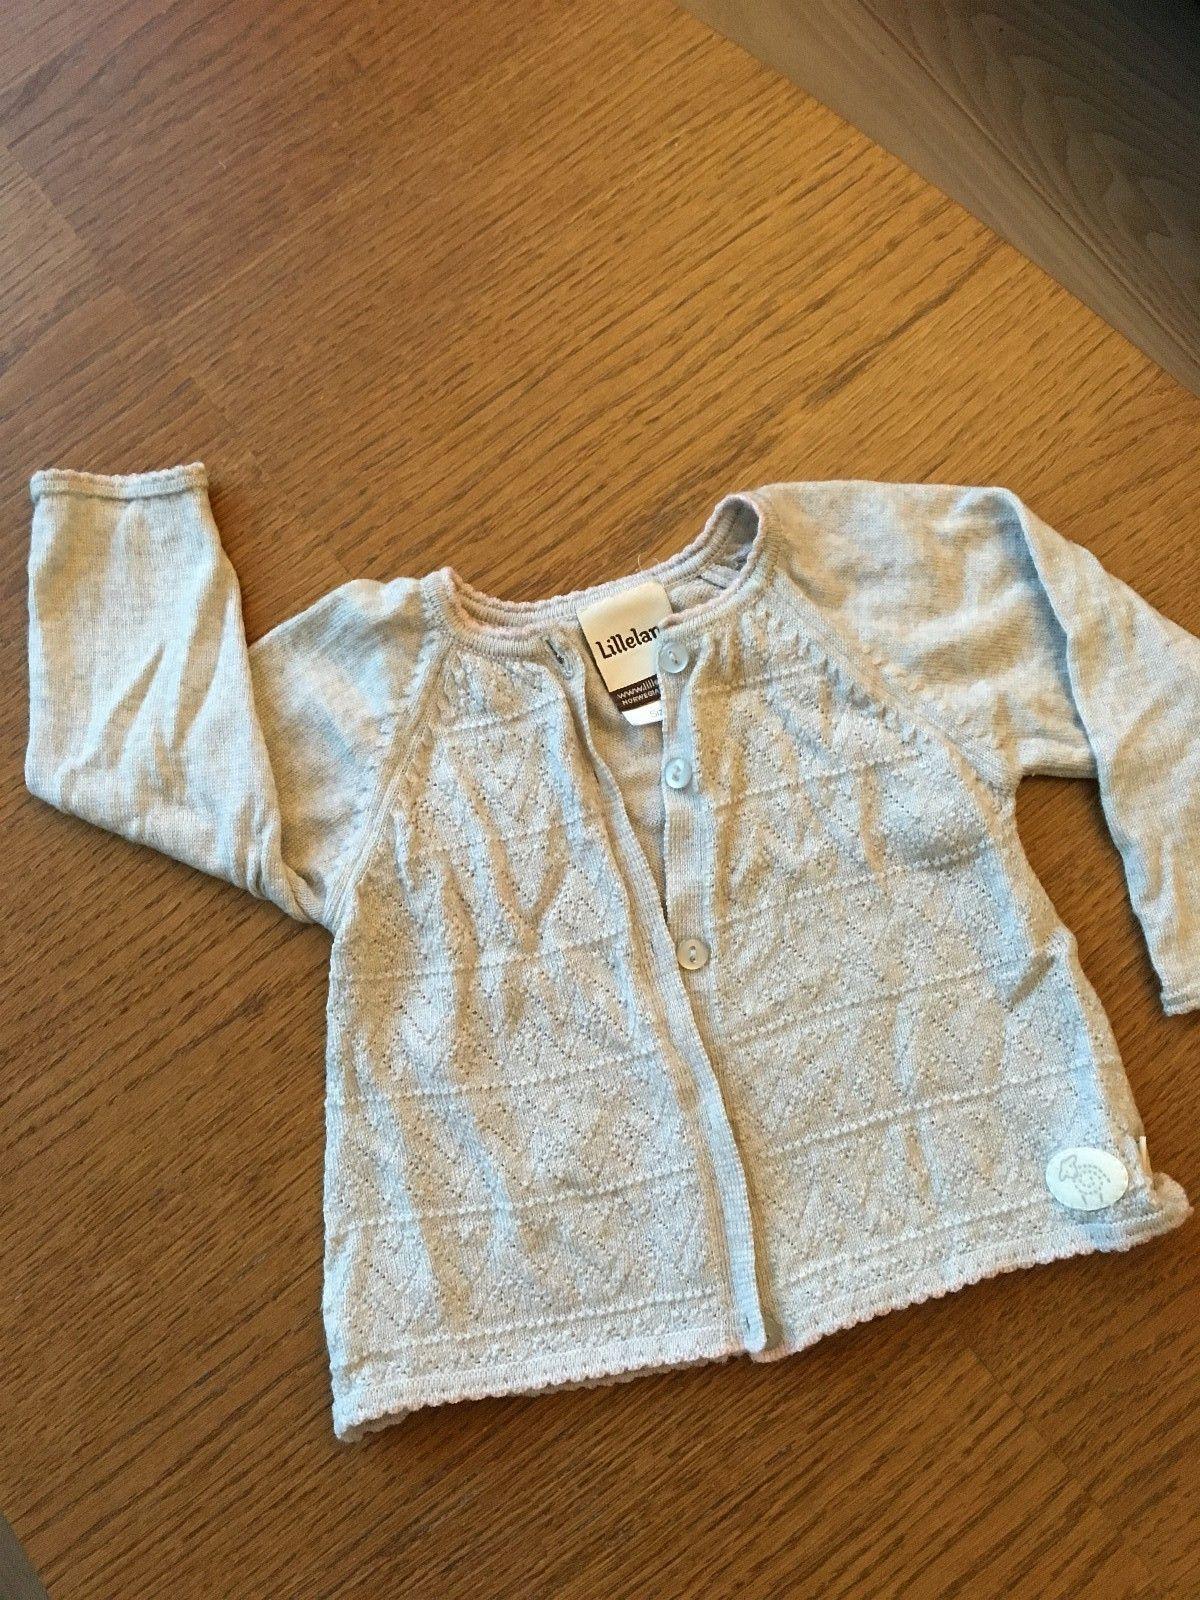 Lille lam ulljakke str 74 - Oslo  - Nydelig Lille lam ulljakke i tynn merino-ull. Lys grå med rosa kant. Ingen slitasje eller flekker. - Oslo